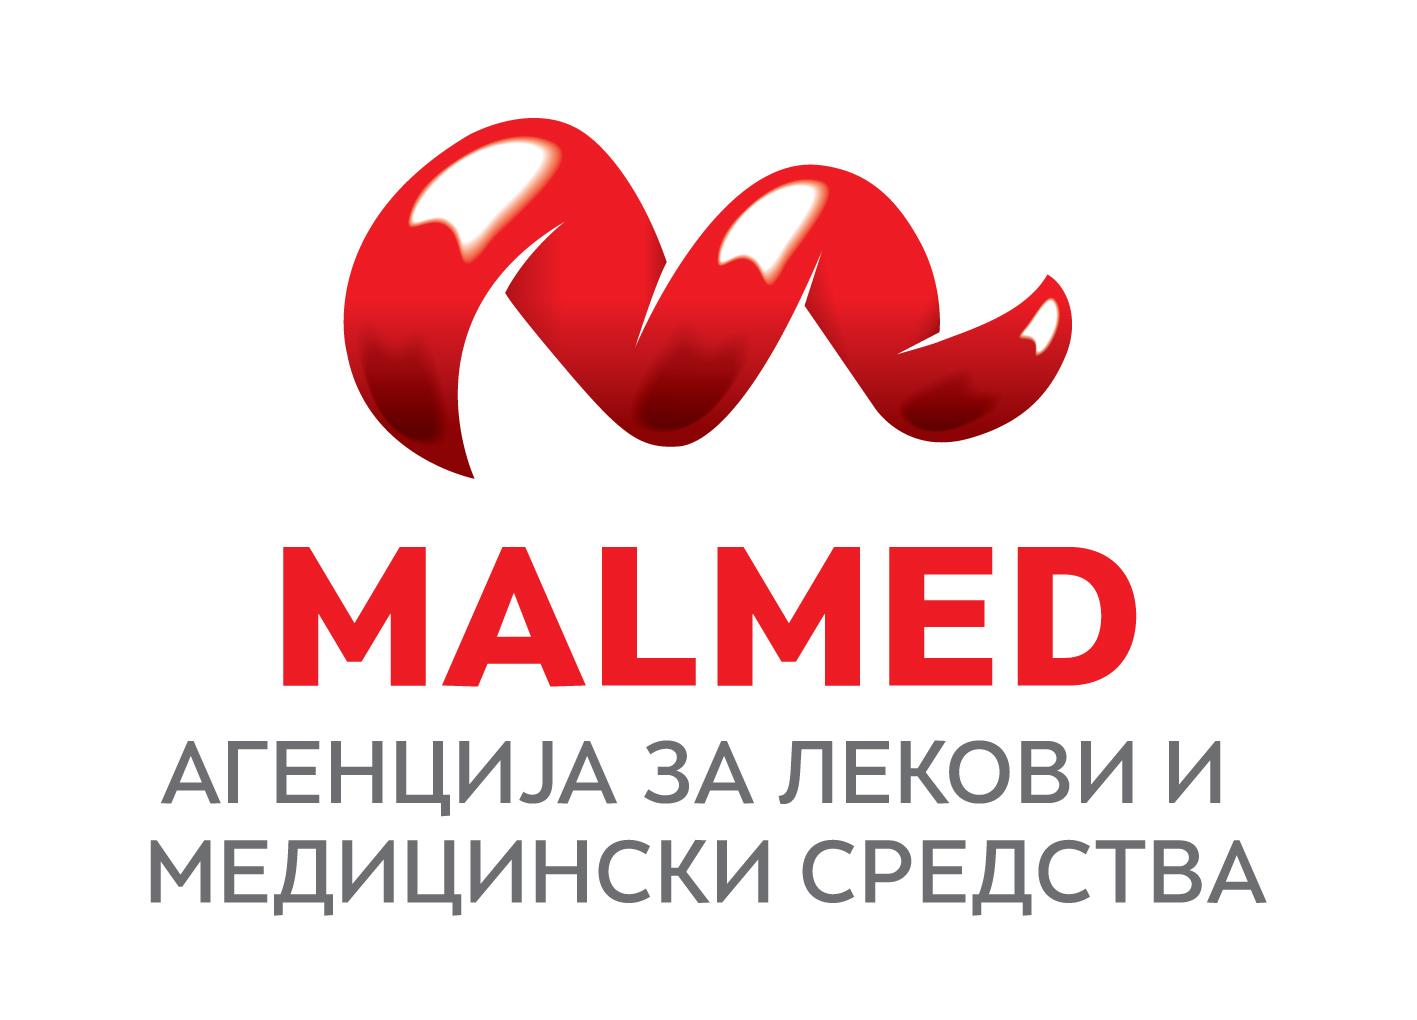 Известување за безбедносна информација за лековите кои содржат валсартан како активна супстанција од поединечни серии на лекот контаминирани со N-нитросодиметиламин (NDMA)